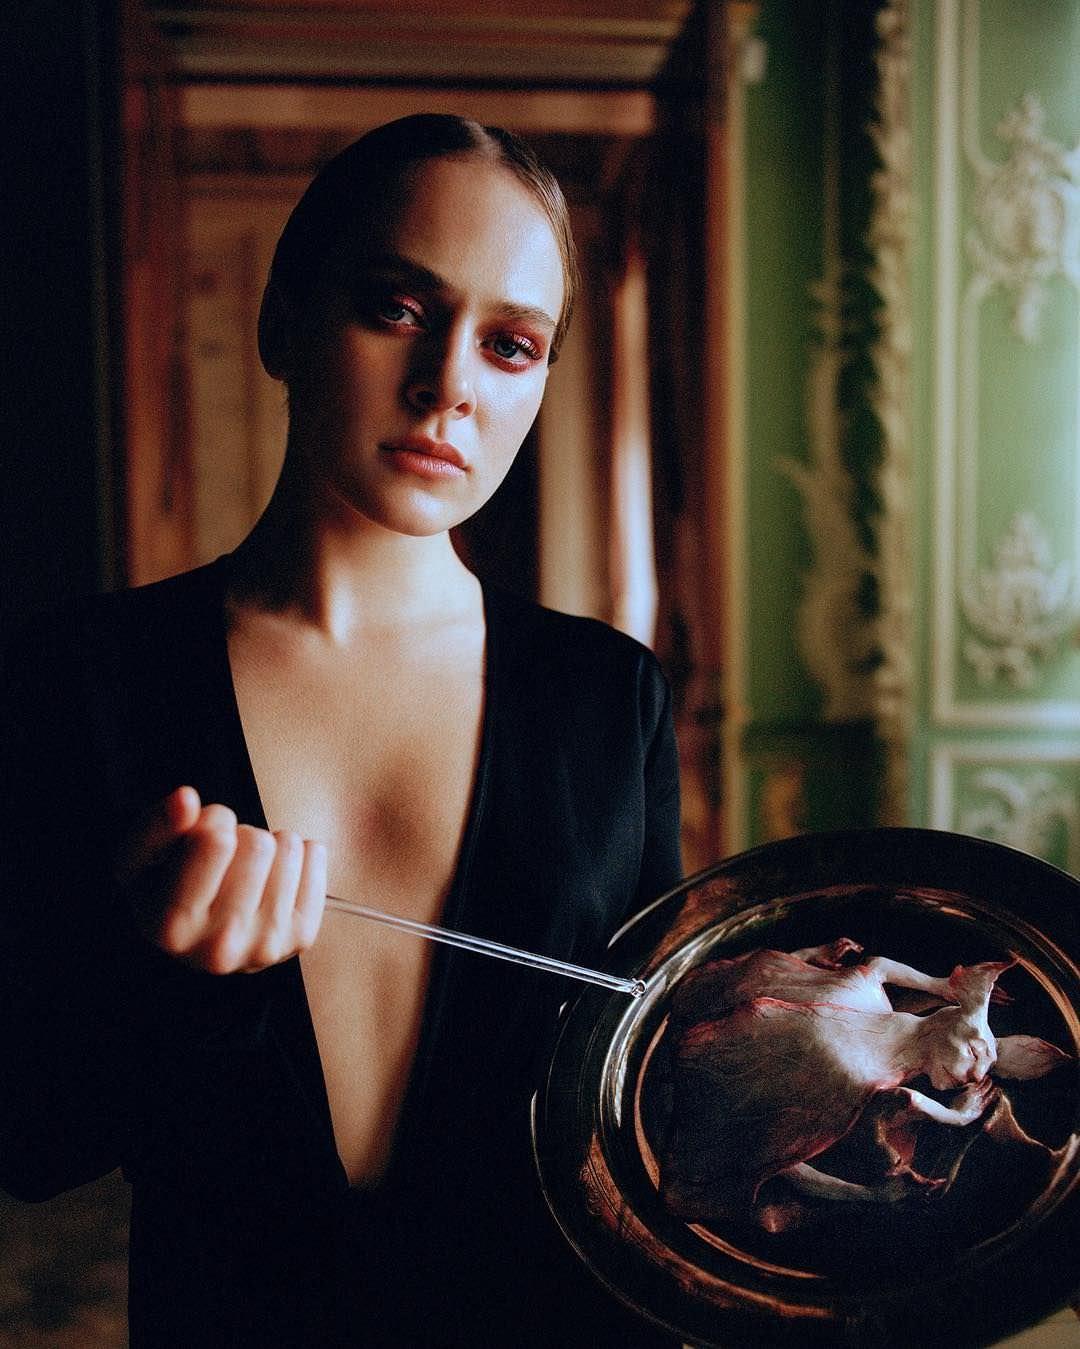 Аглая Тарасова на фотосессии